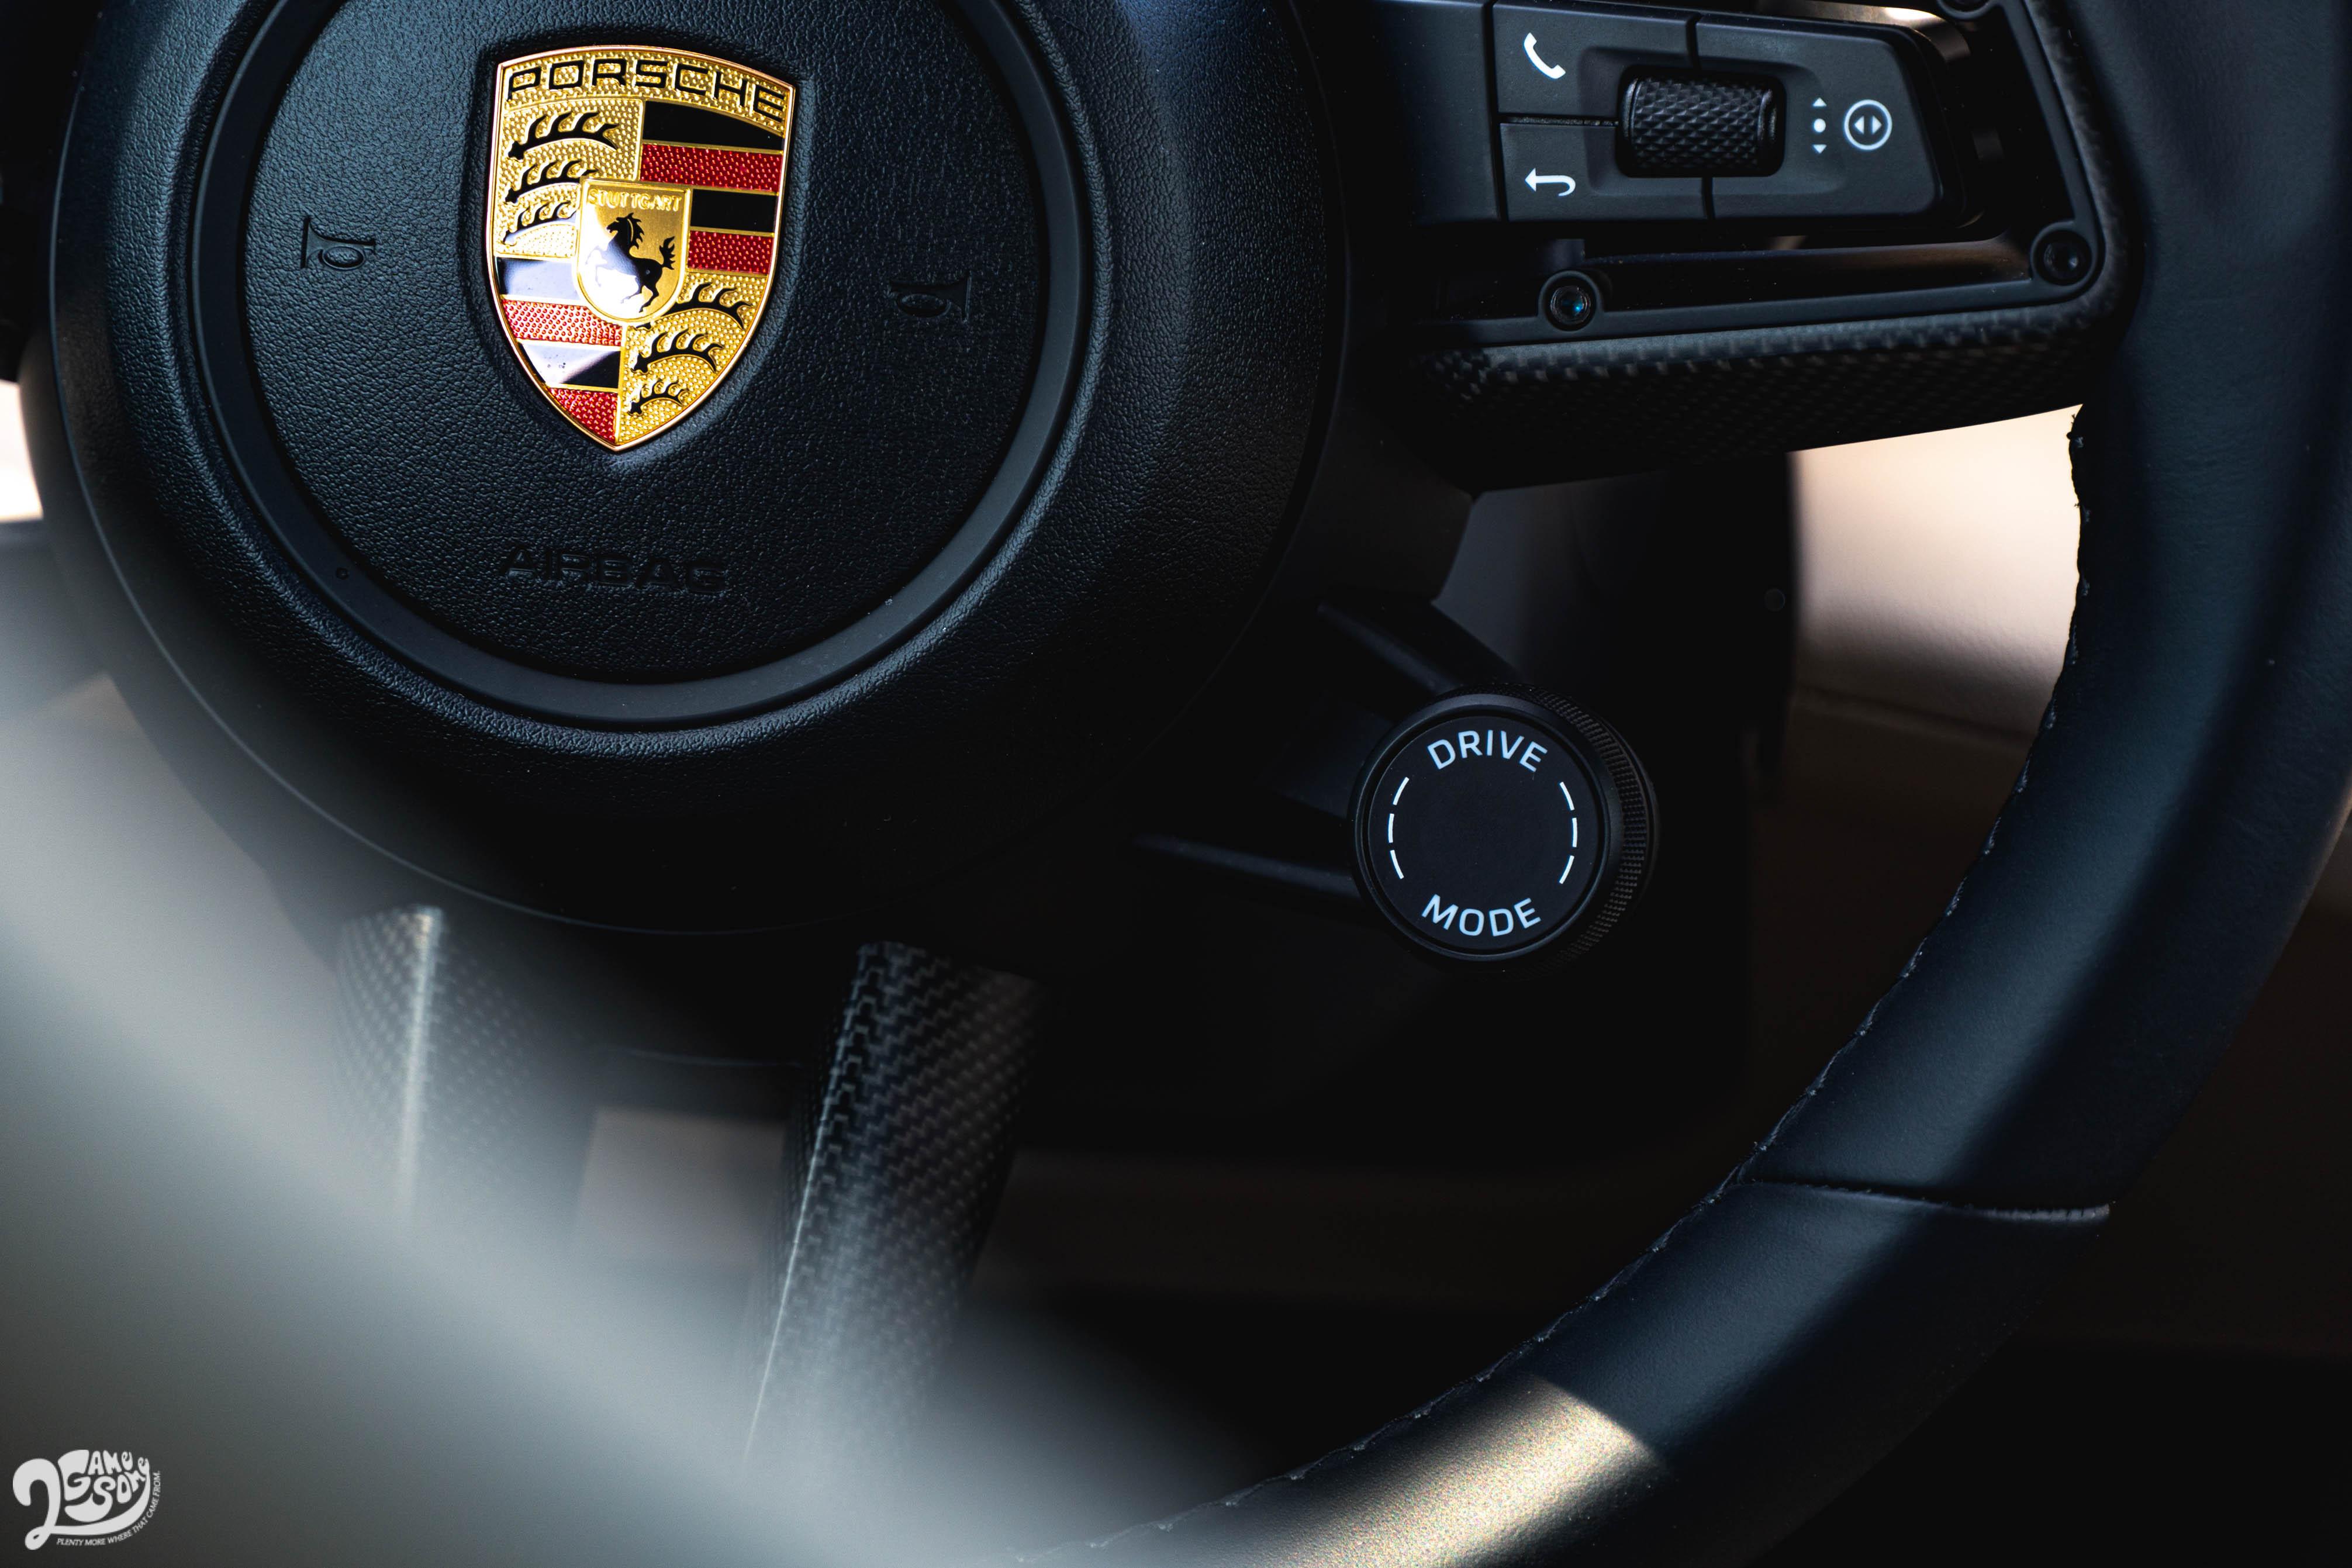 若選配跑車計時套件,多功能 GT 跑車方向盤右下方會多出車內少見的模式切換旋鈕。